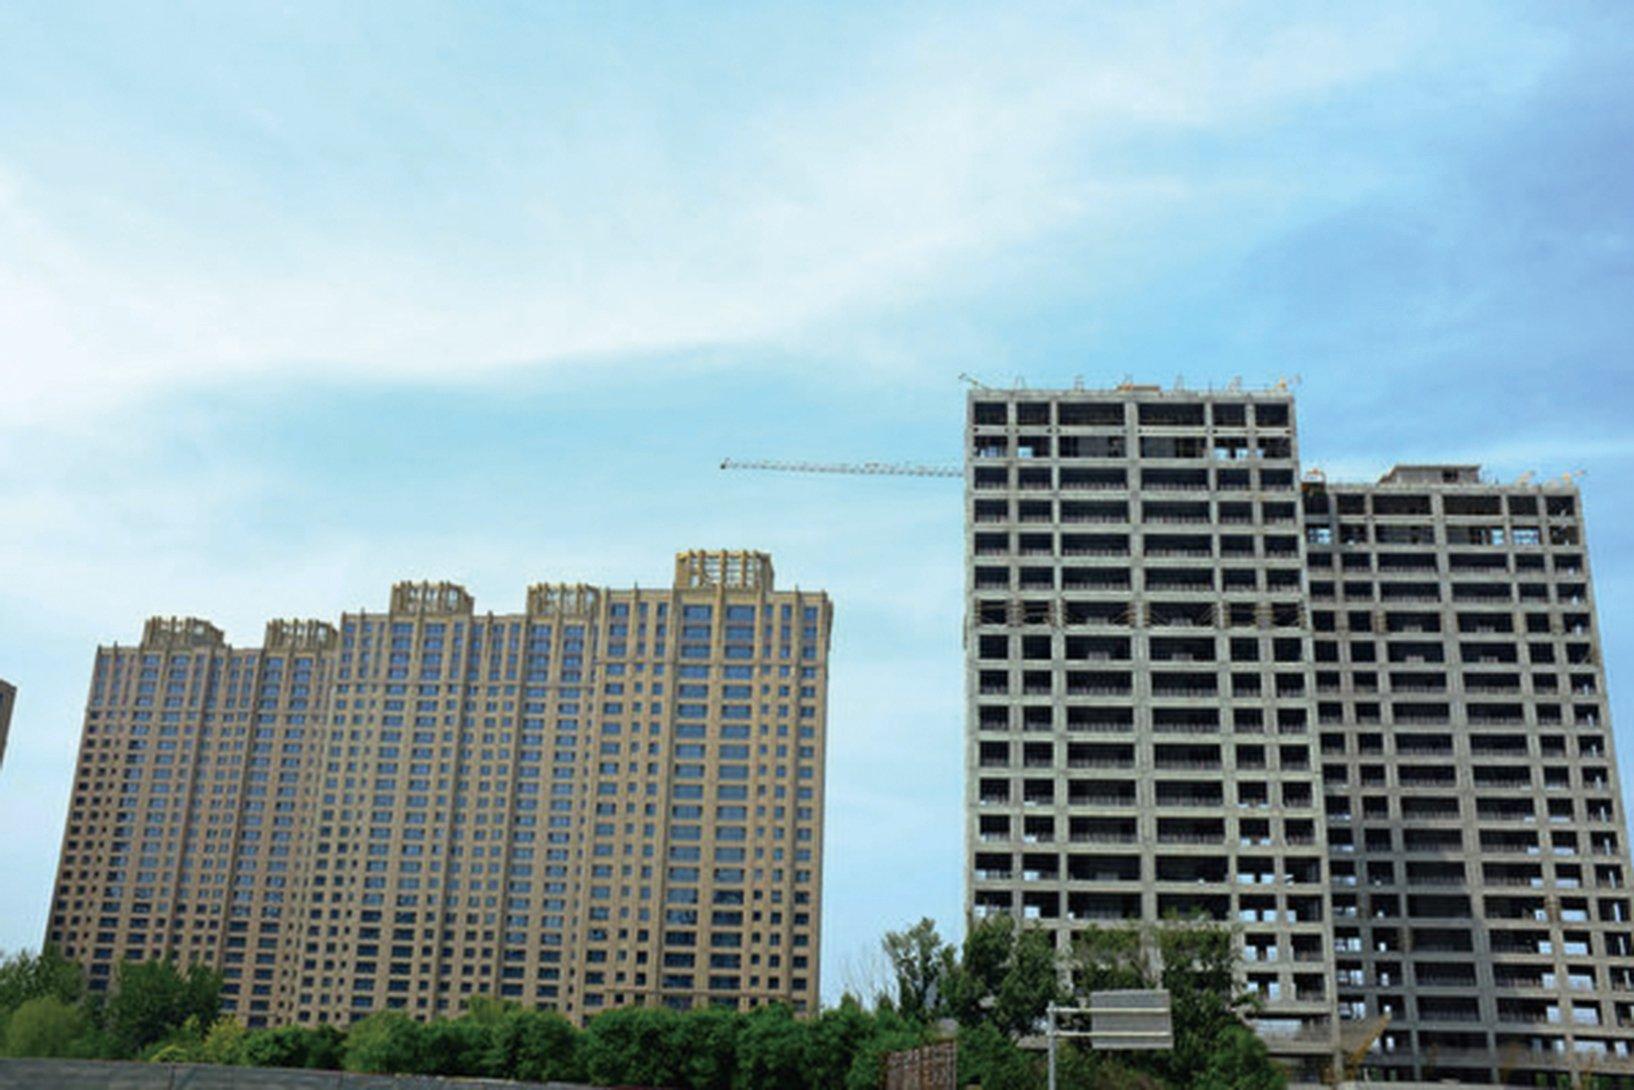 大陸三、四線城市樓市過剩所導致的泡沫破裂可能正在發生。圖為北京望京在建的樓房。(大紀元資料室)